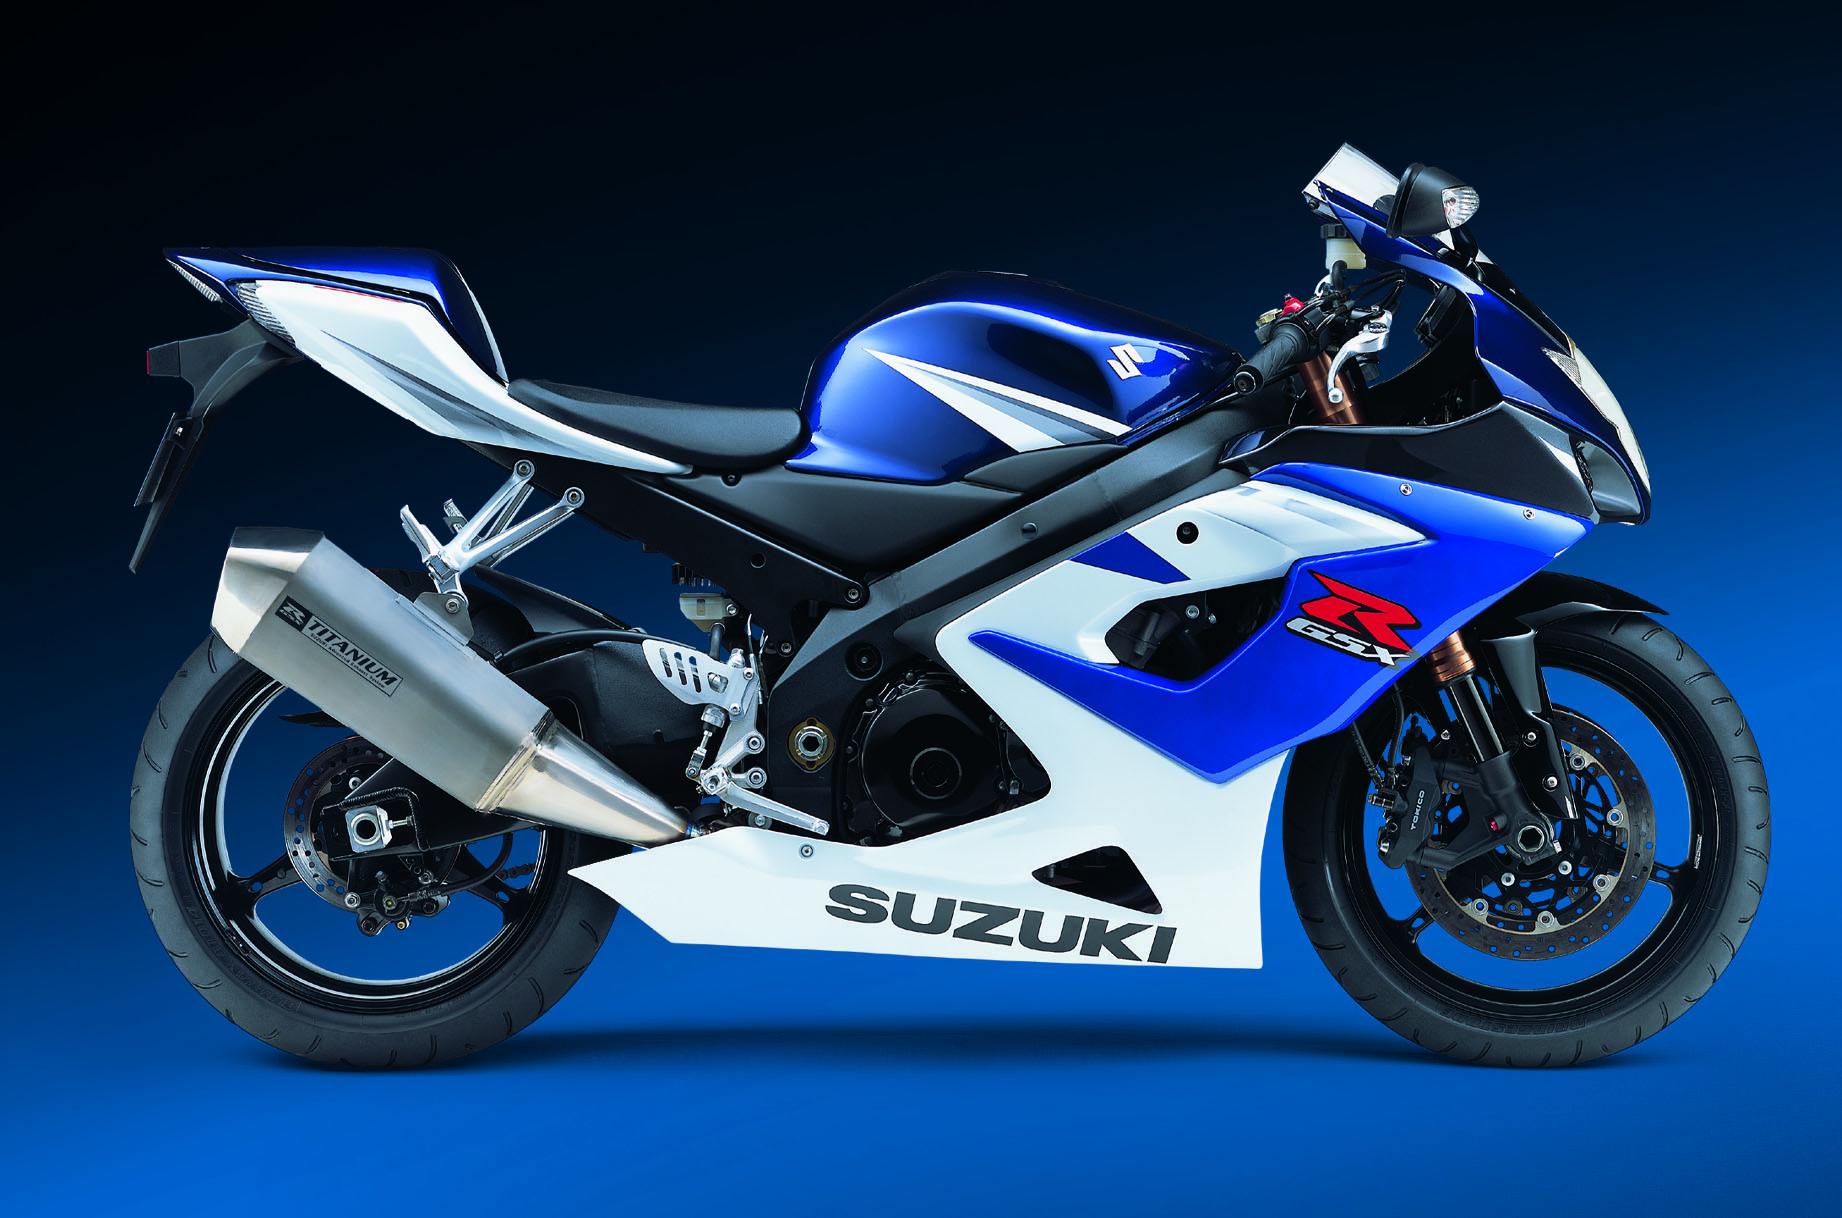 GSX-R1000 K5-K6 (Suzuki GSXR 1000) review | Visordown